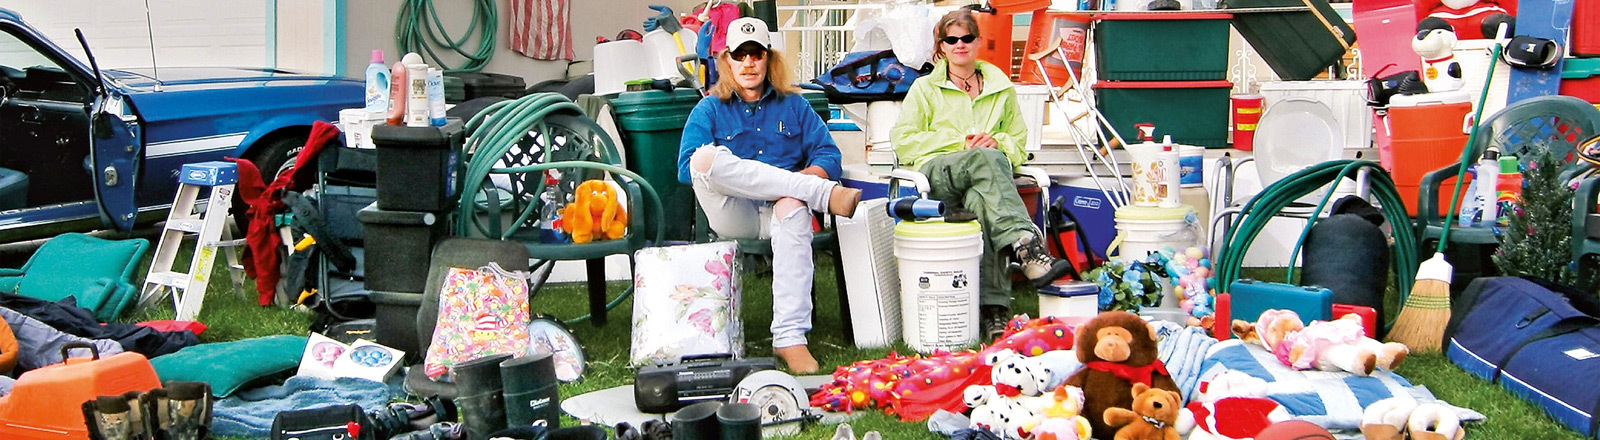 """Dokumentarfilmer Werner Boote und ein Filmstill aus seinem 2009 erschienen Dokumentarfilm """"Plastic Planet"""""""